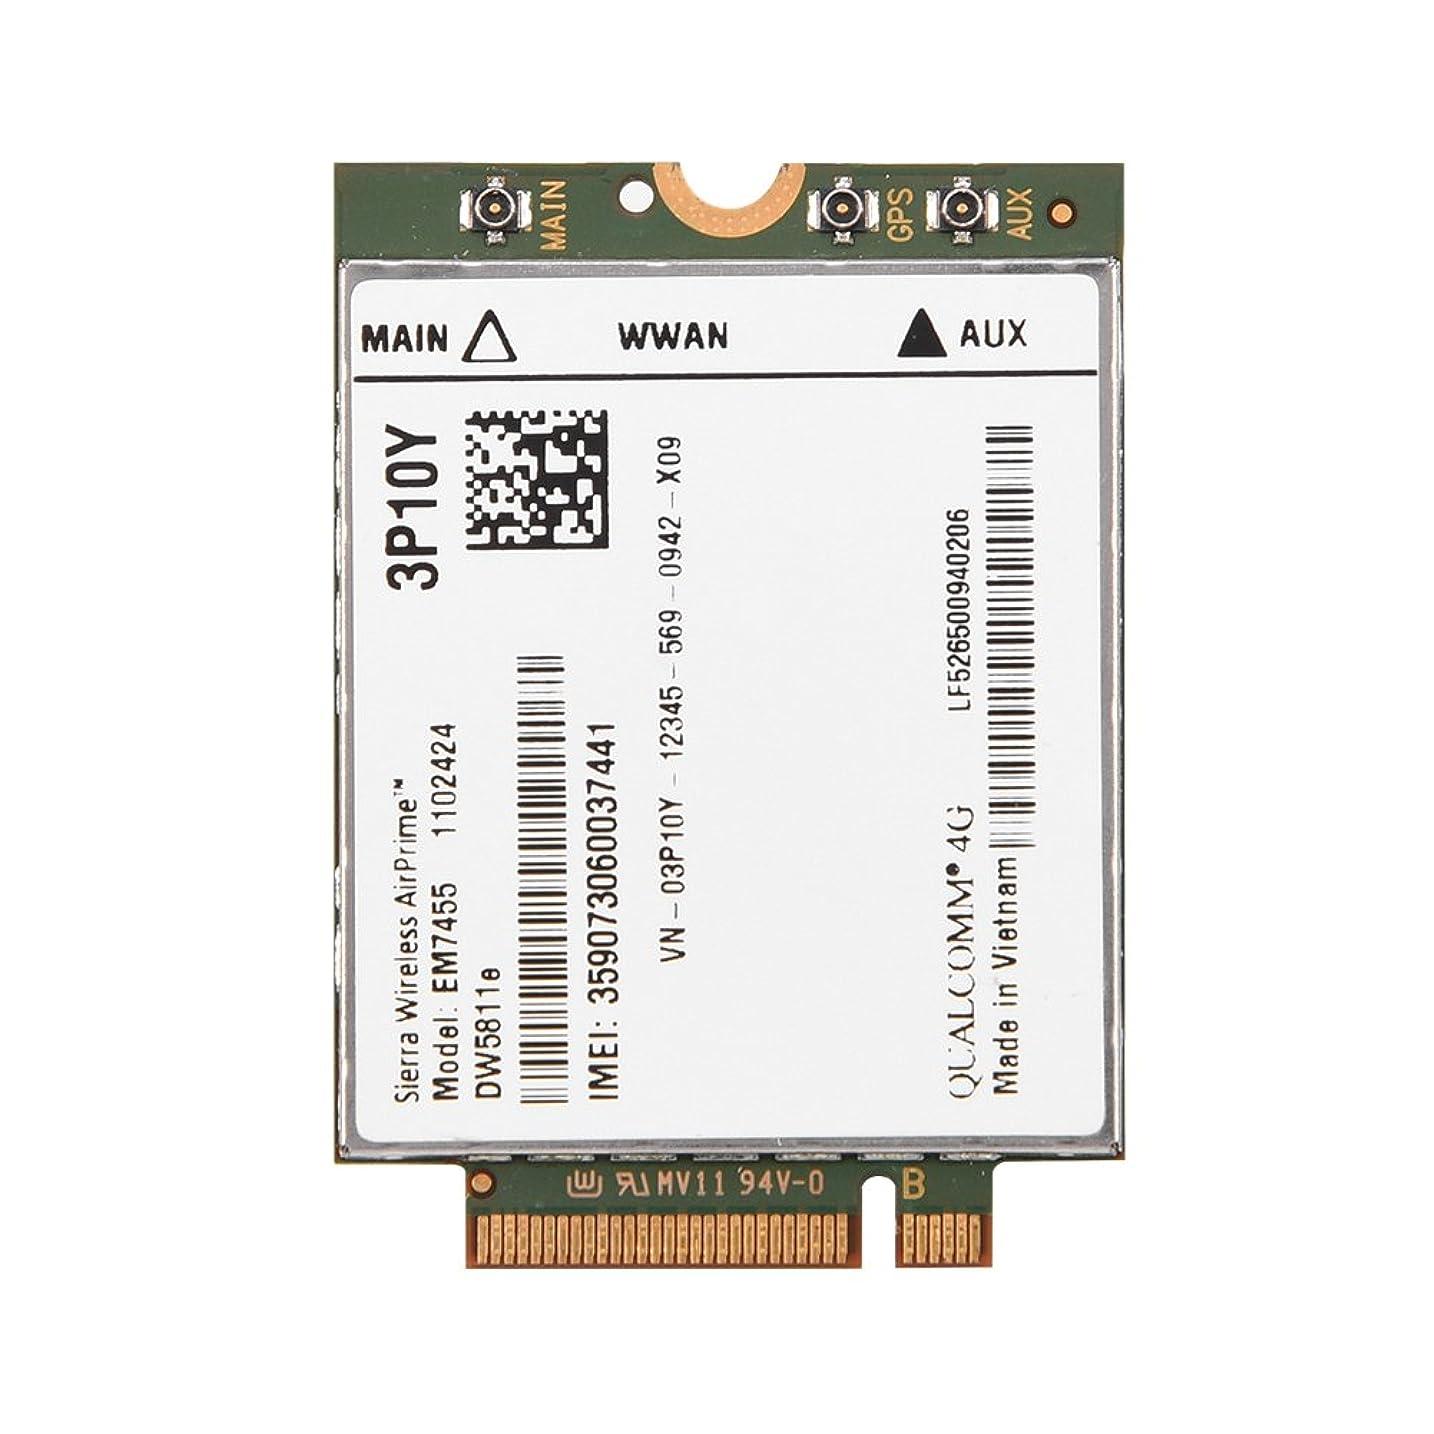 うねるに向けて出発賛美歌Eboxer ネットワークカード 無線LANカード ワイヤレスEM7455 4G LTEモジュール 42 x 30 x 2.3 mm